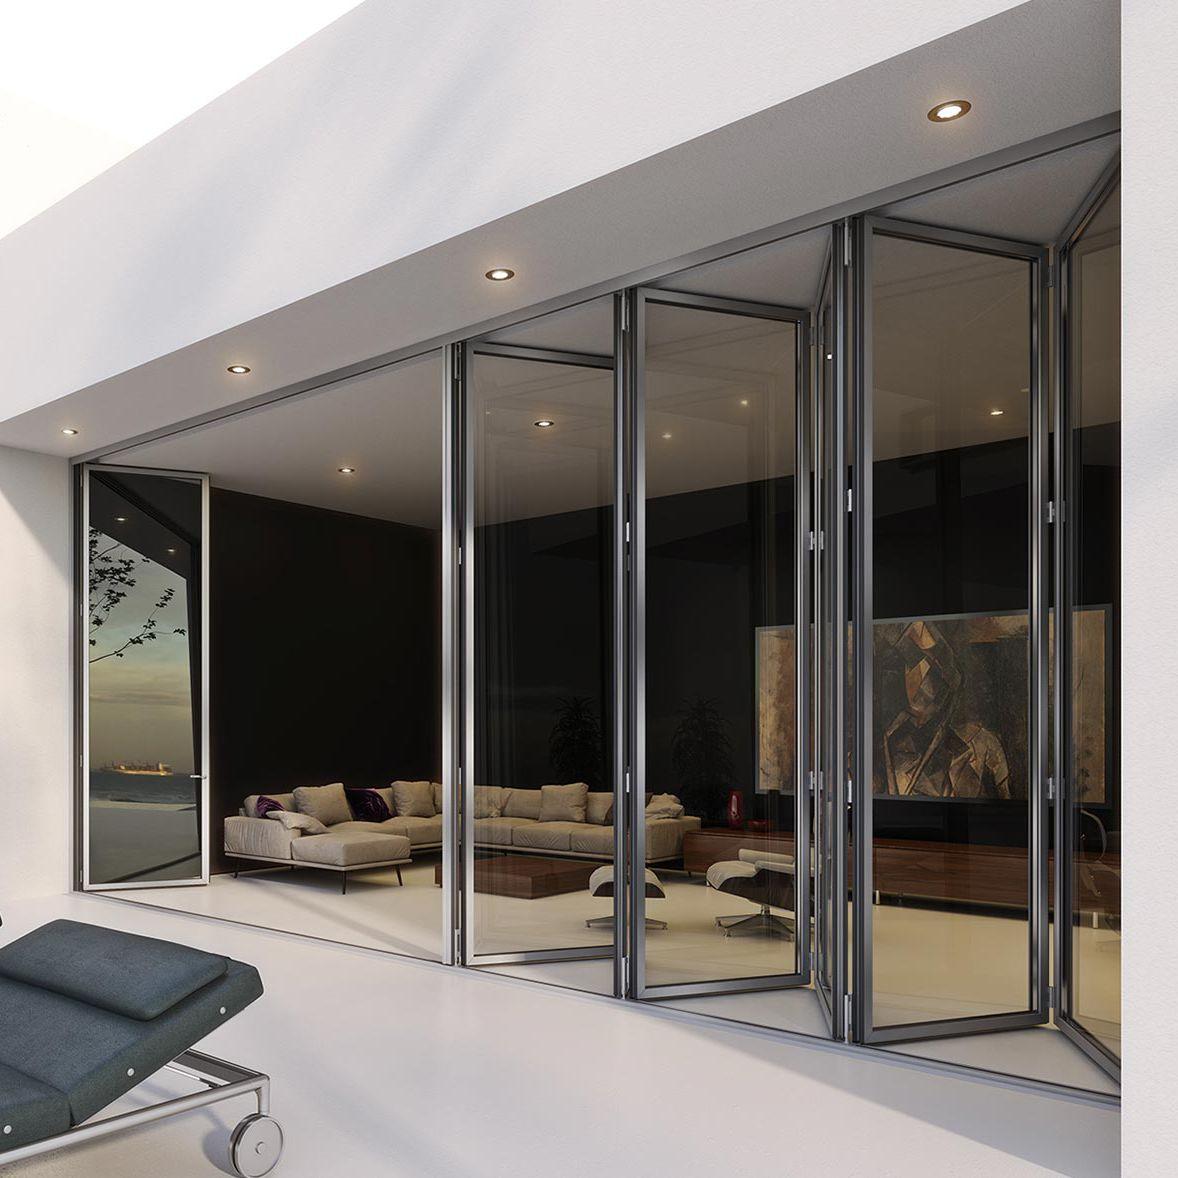 Baie Vitrée Pliante En Accordéon Prix baie vitrée accordéon / coulissante / en aluminium / à double vitrage 3700  rabel sa